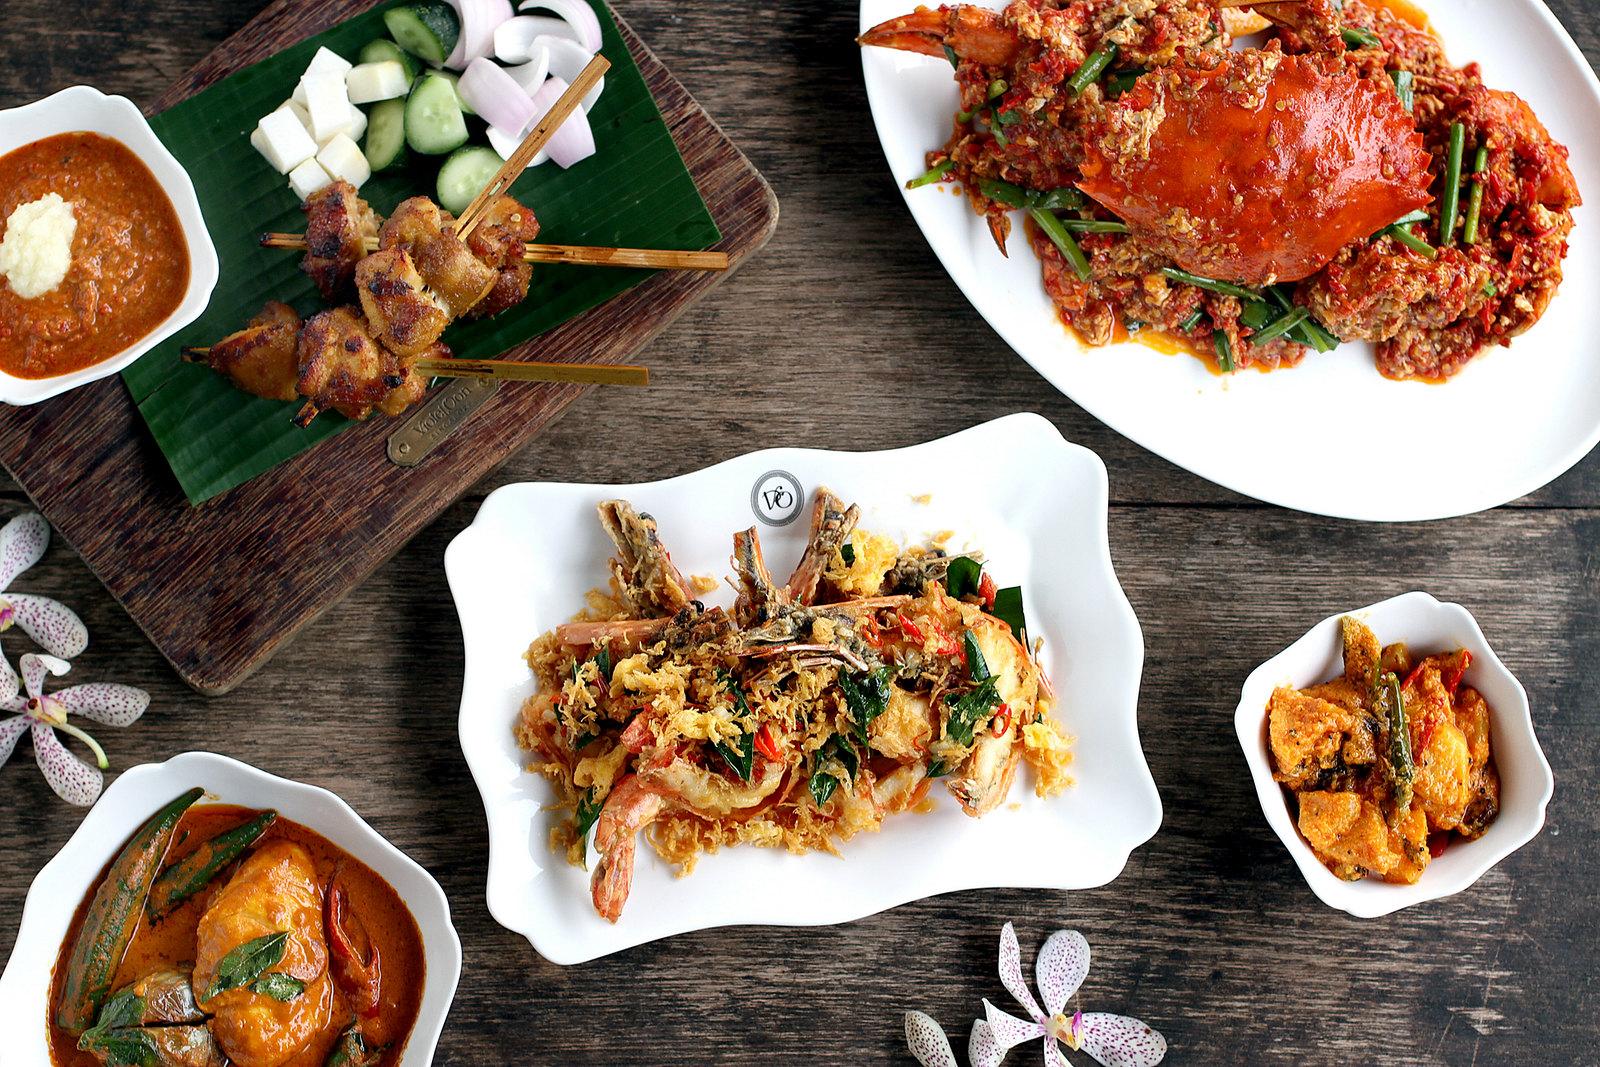 新加坡紫罗兰餐厅的国家厨房-食品摊